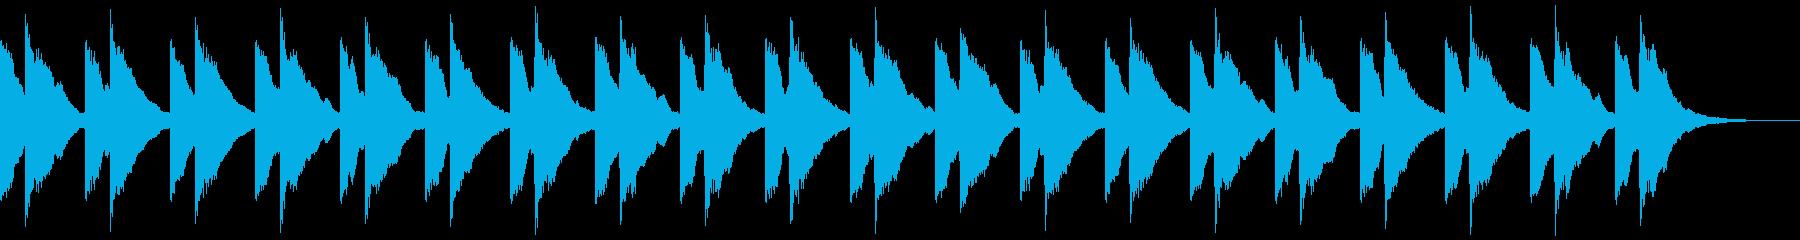 チャイム 鐘の音 キンコン ロング版の再生済みの波形